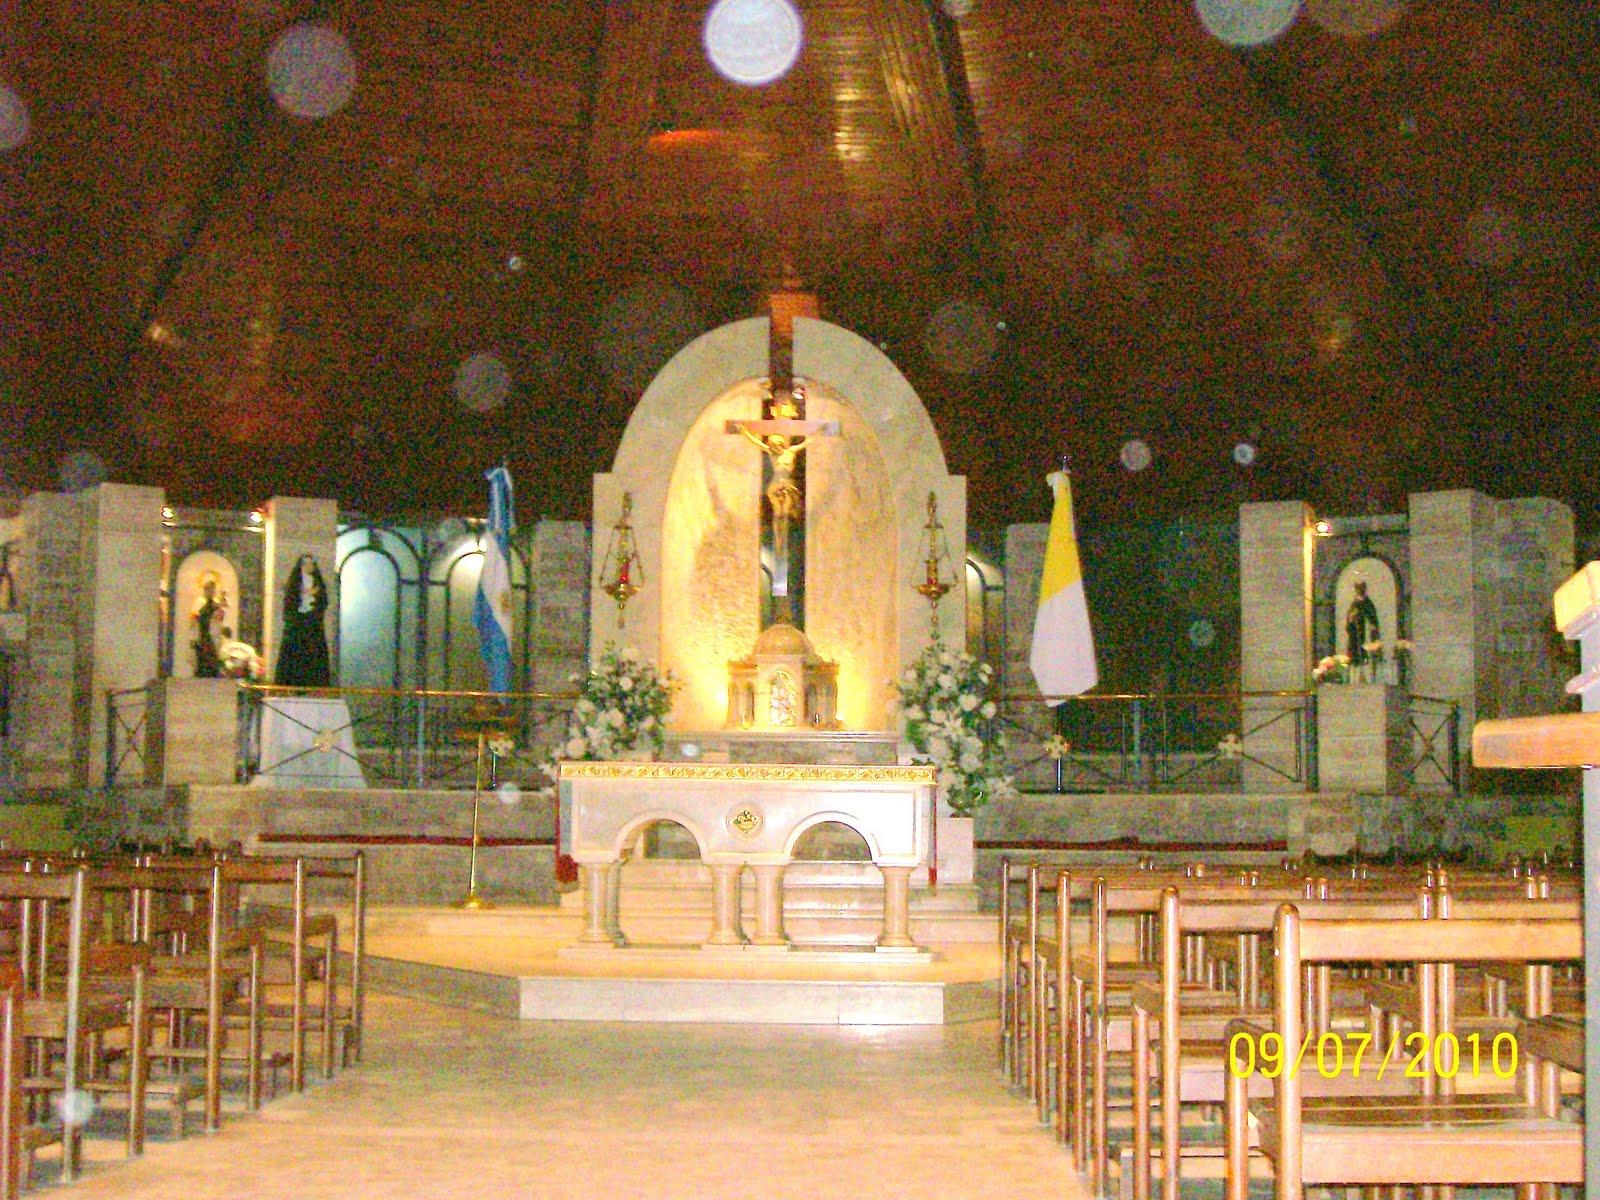 San Martín de Porres - Tucumán